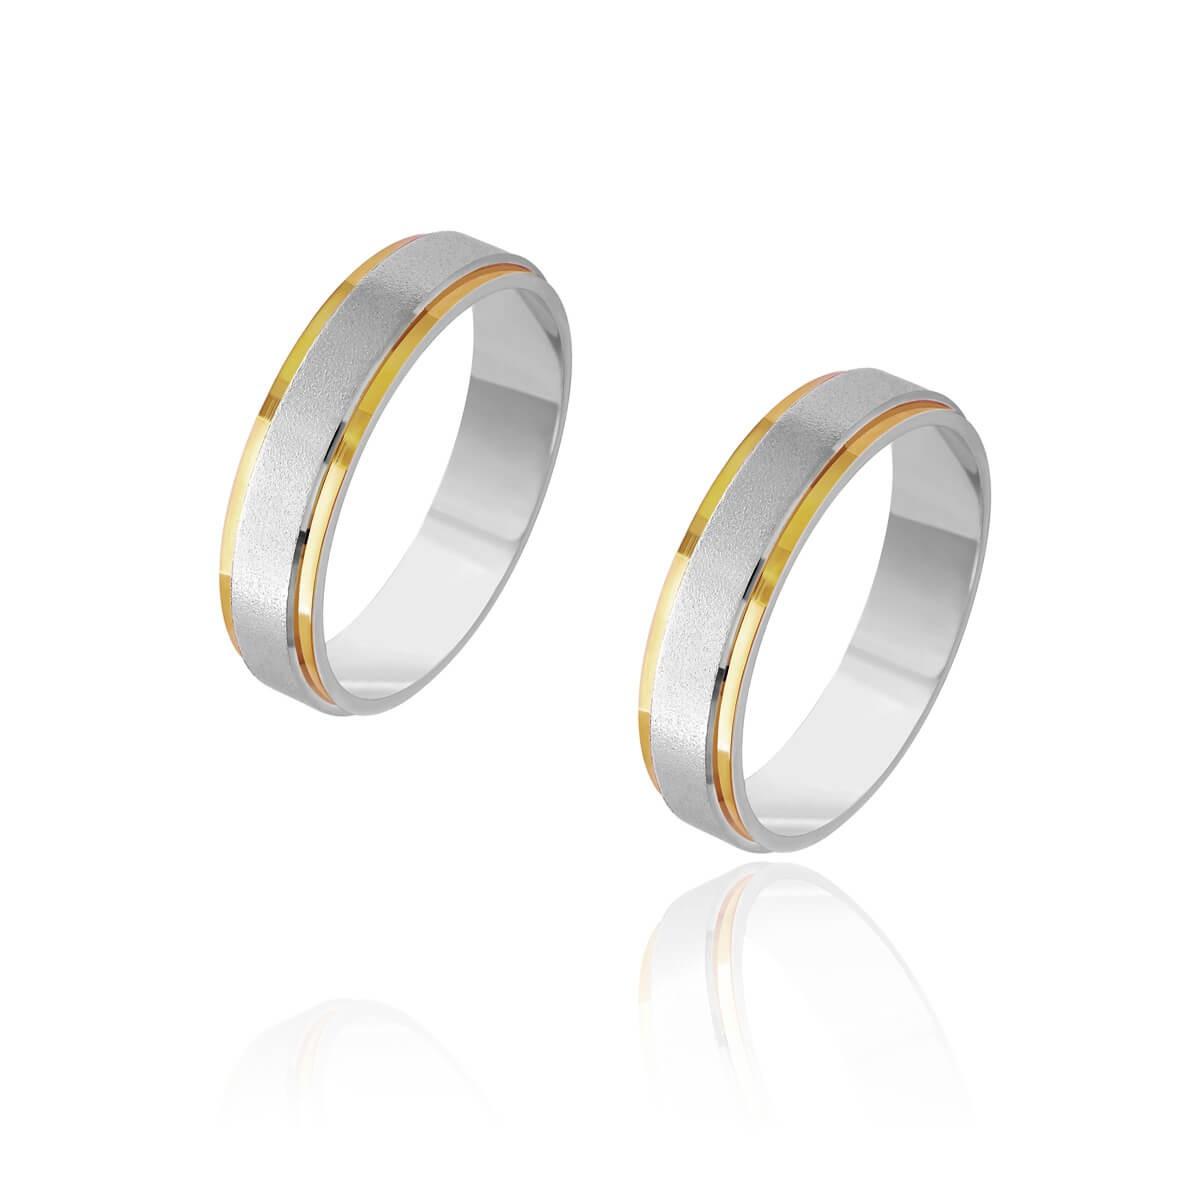 Par de Alianças de Casamento Afrodite Ouro 18k Aplique Central Ouro 18k Branco 5mm 10,8g